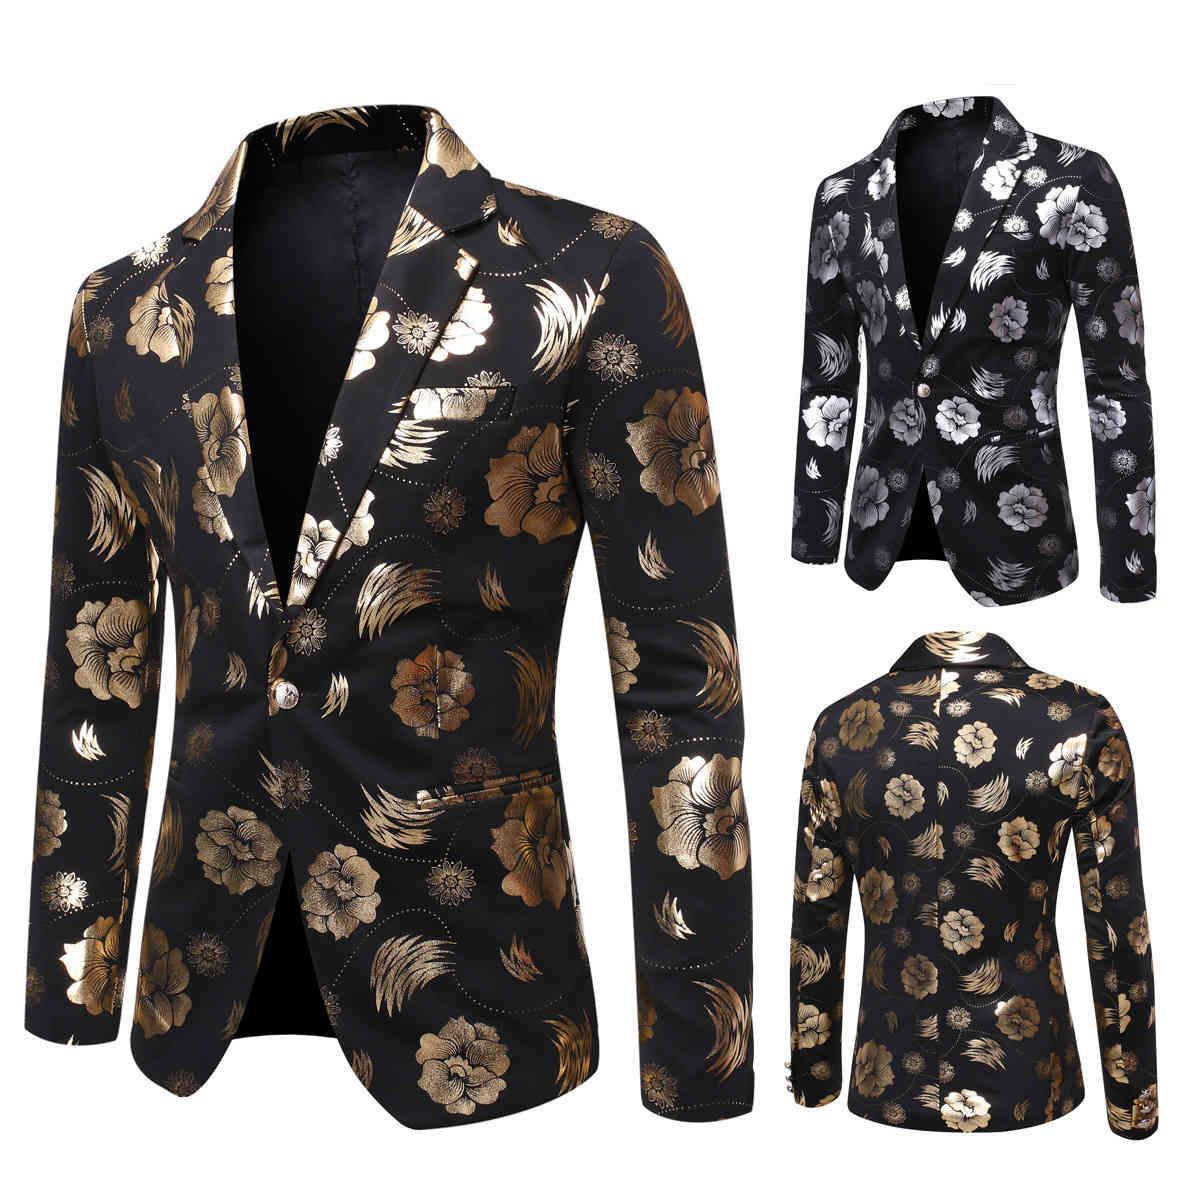 Erkek Moda Takım Elbise Moda Takım Elbise Trend İlkbahar ve Yaz 2021